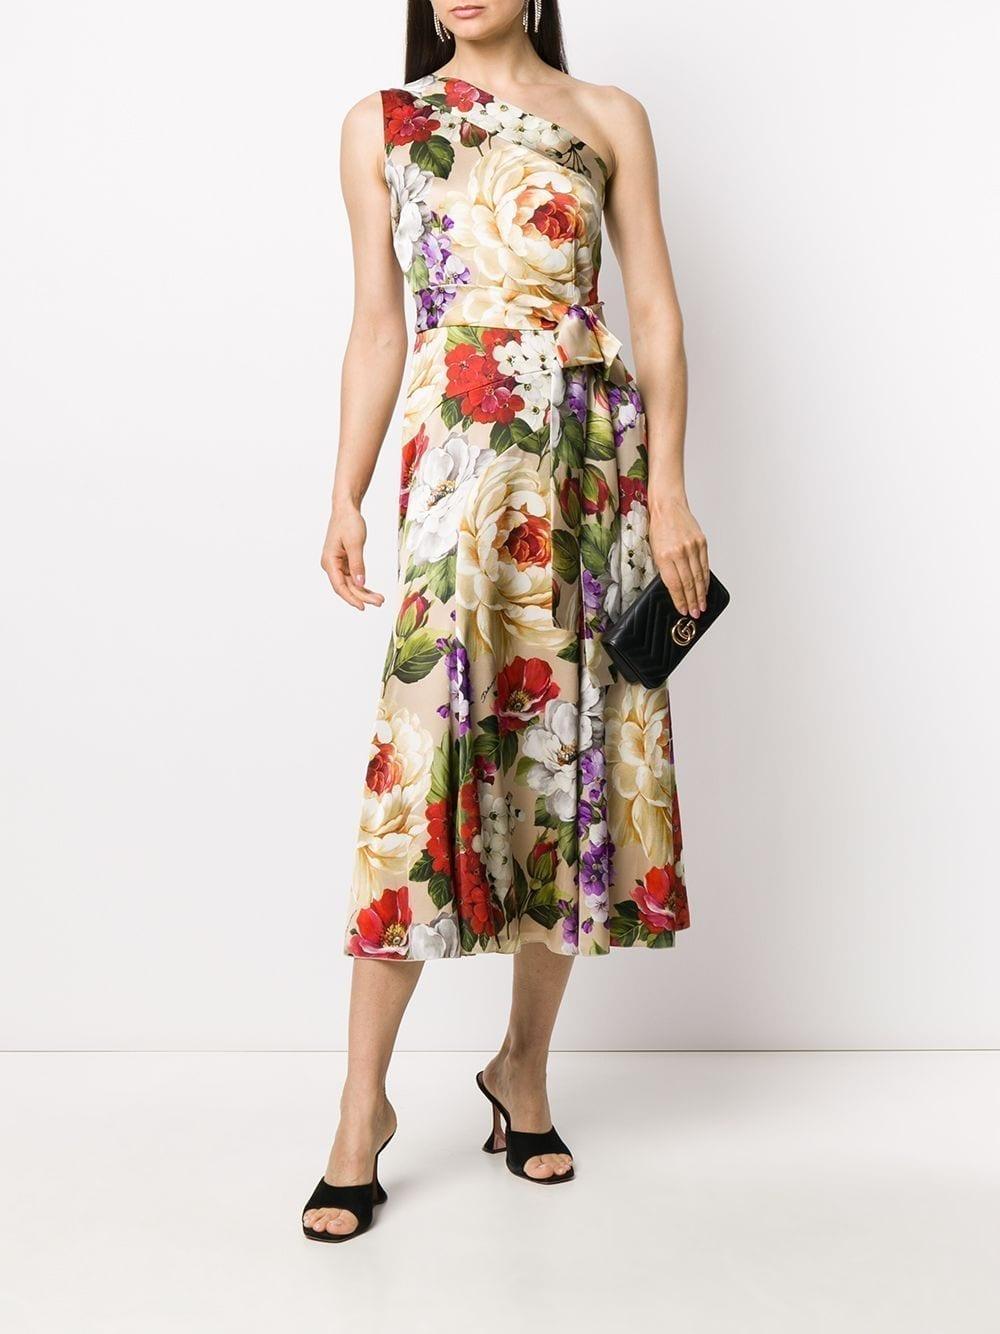 DOLCE & GABBANA One-Shoulder Floral Print Dress